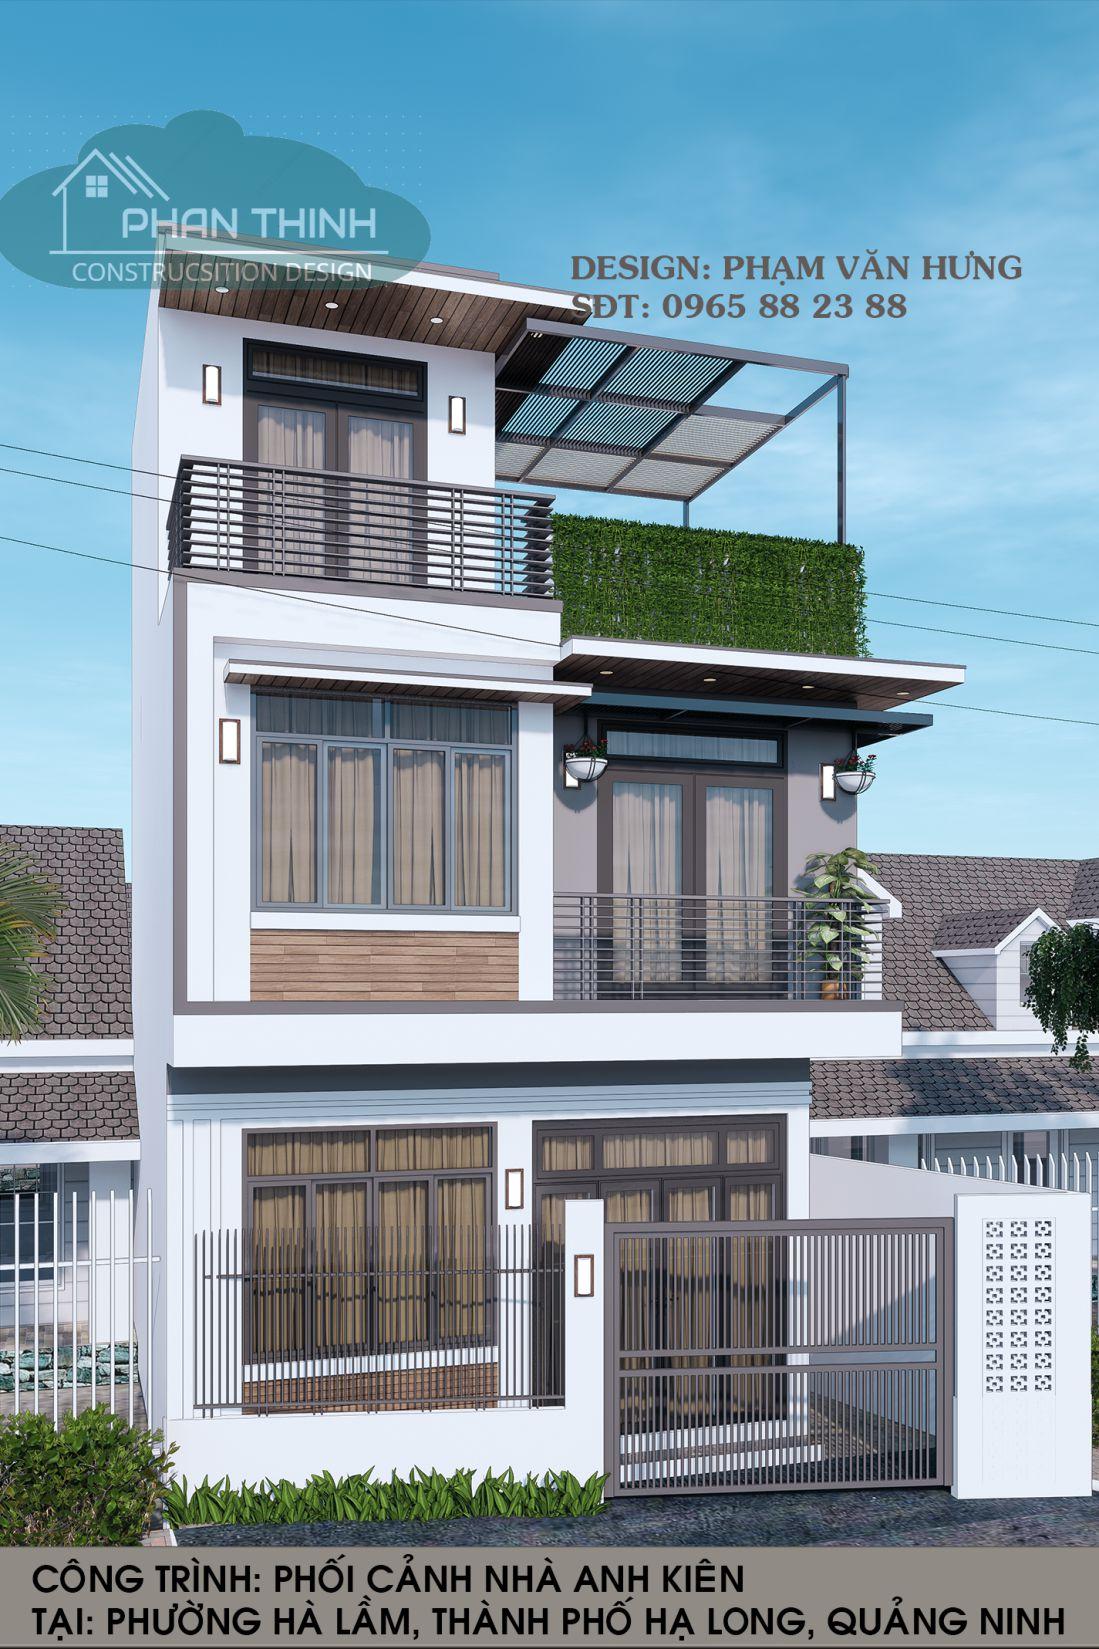 Phối cảnh nhà ống 3 tầng đẹp ở Quảng Ninh